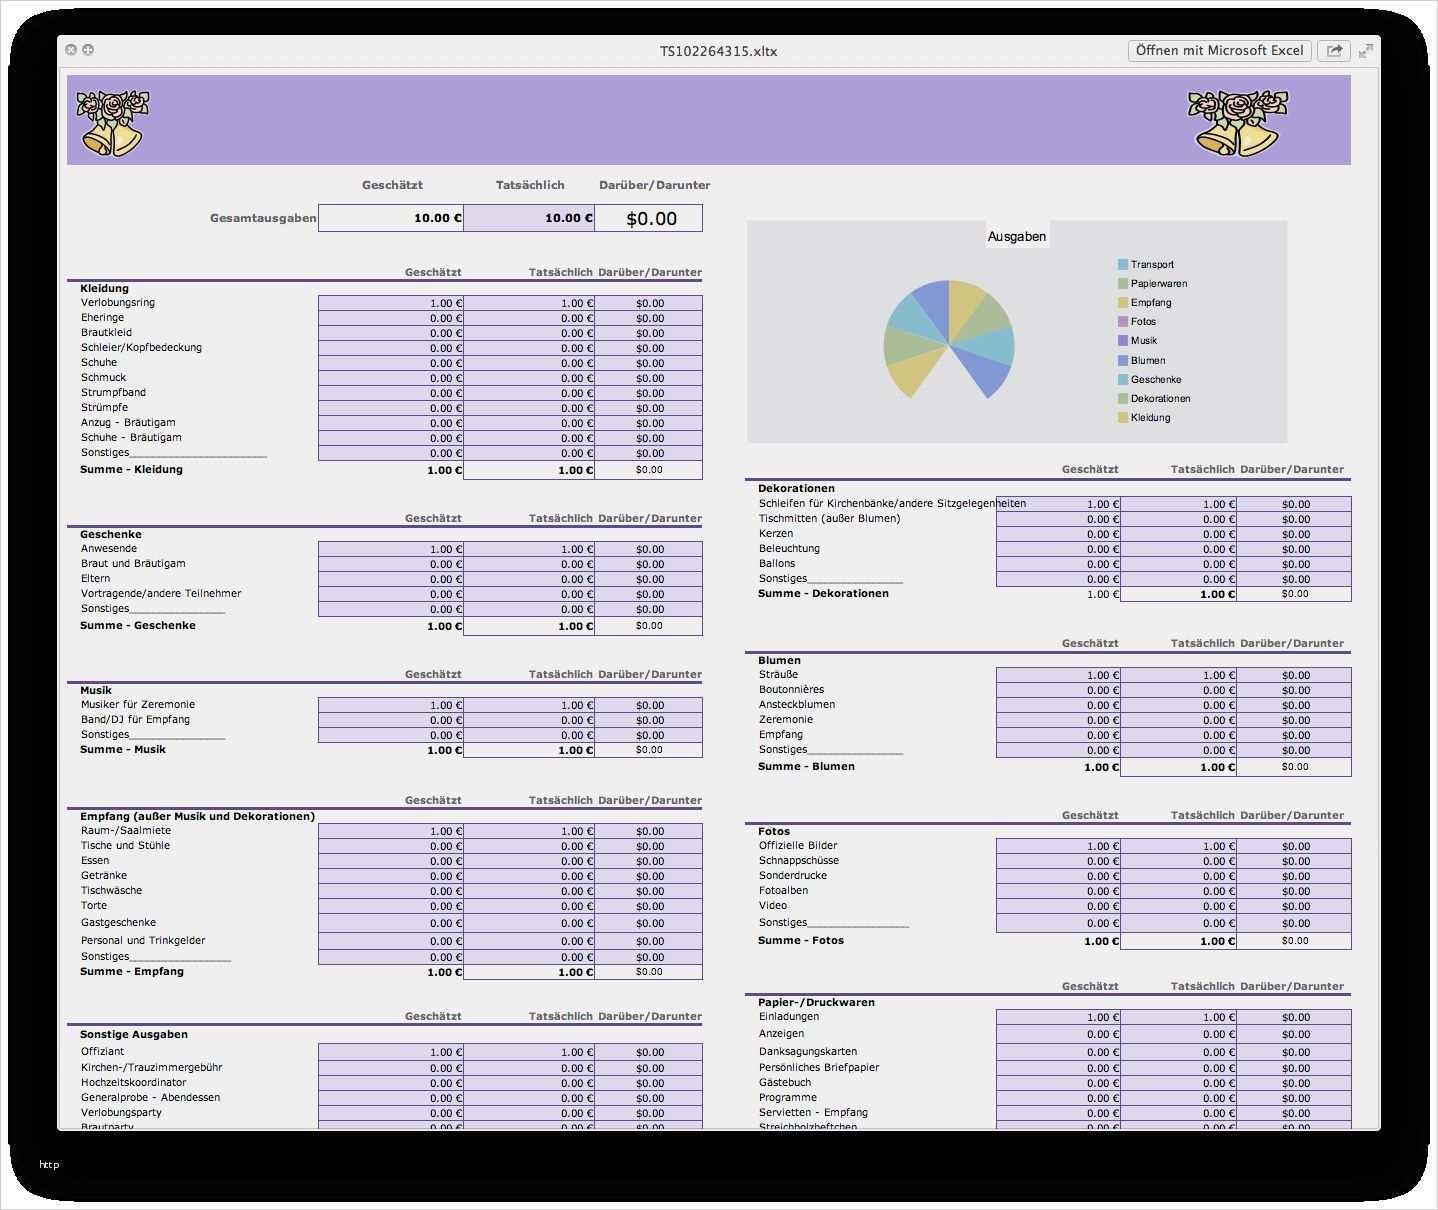 32 Gut Excel Vorlagen Kostenaufstellung Bilder Excel Vorlage Vorlagen Deckblatt Vorlage